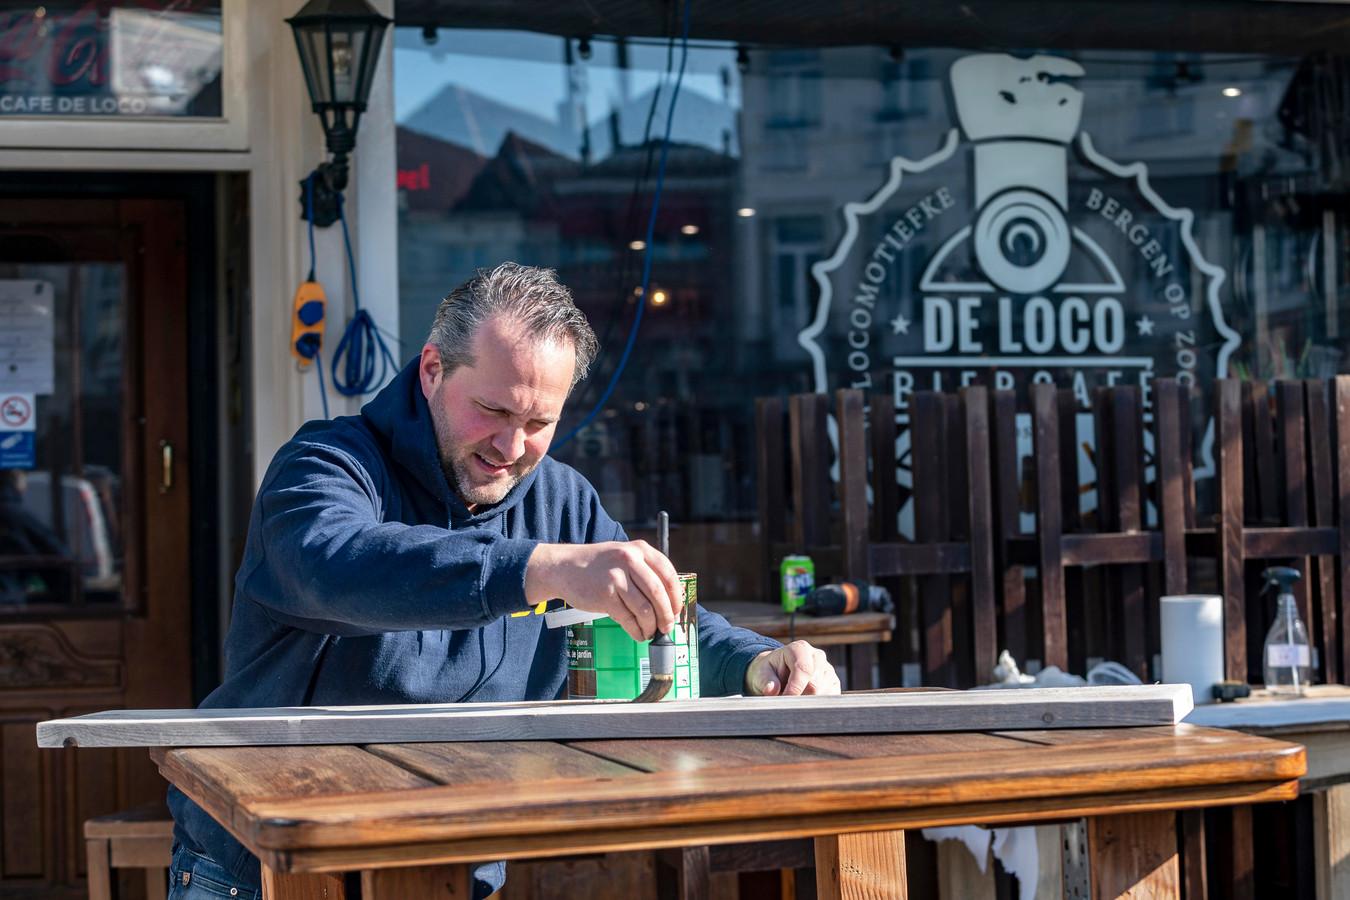 Geen grote schermen zondag bij Joep Blokland van biercafé De Loco op de Grote Markt in Bergen op Zoom.